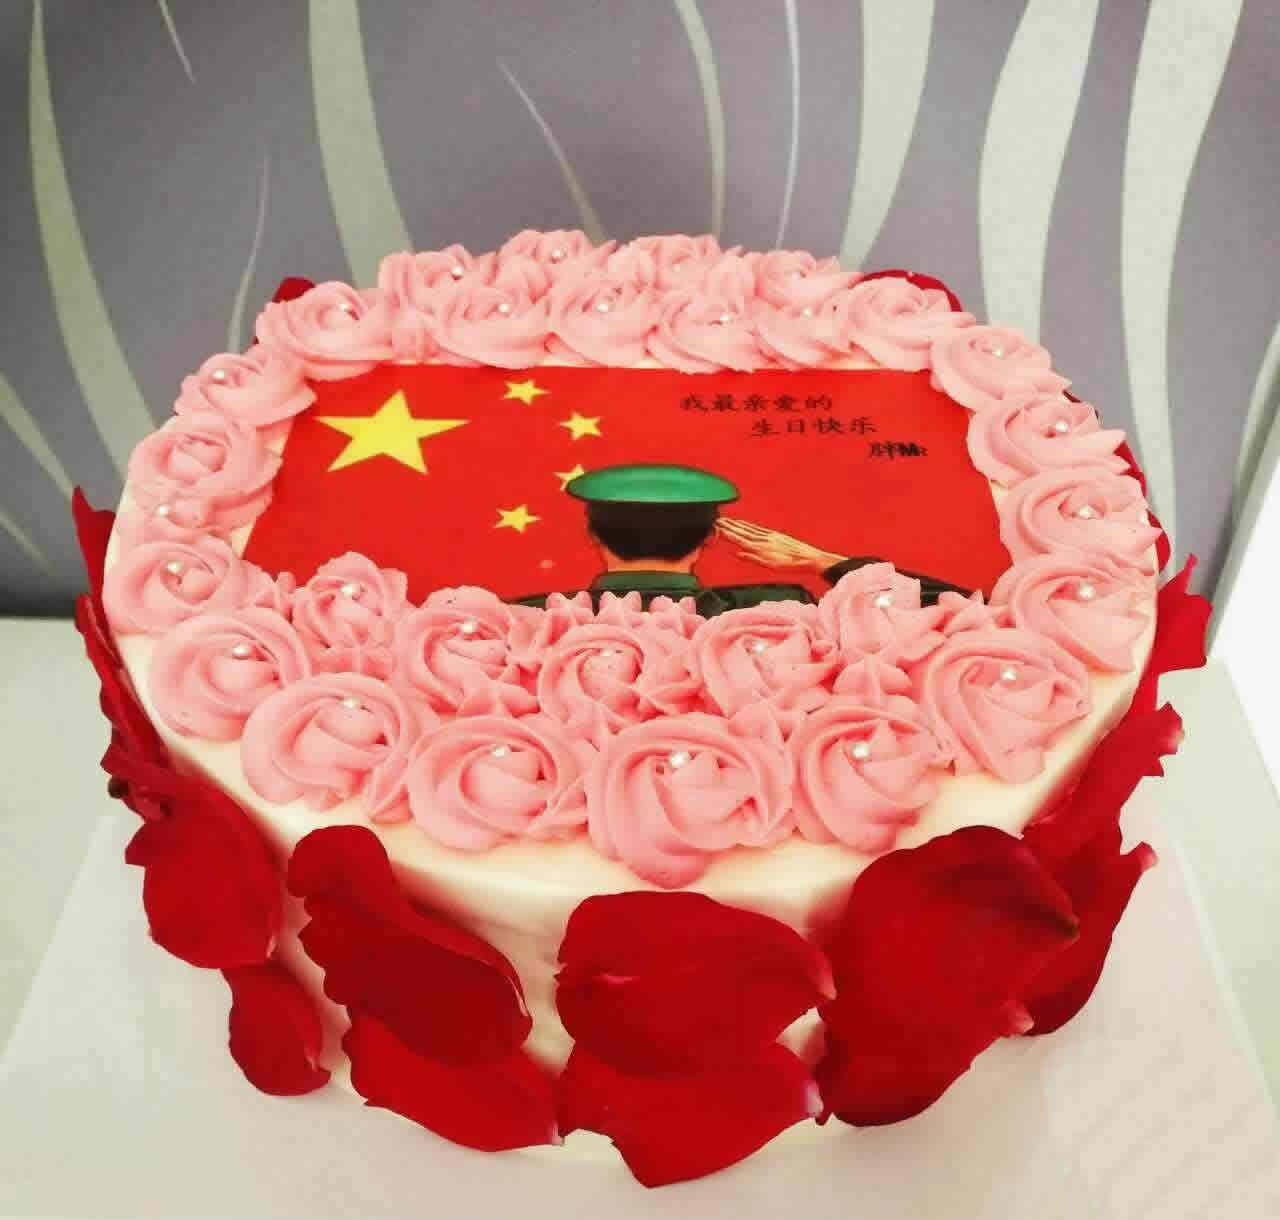 巧克力蛋糕-红旗飘飘